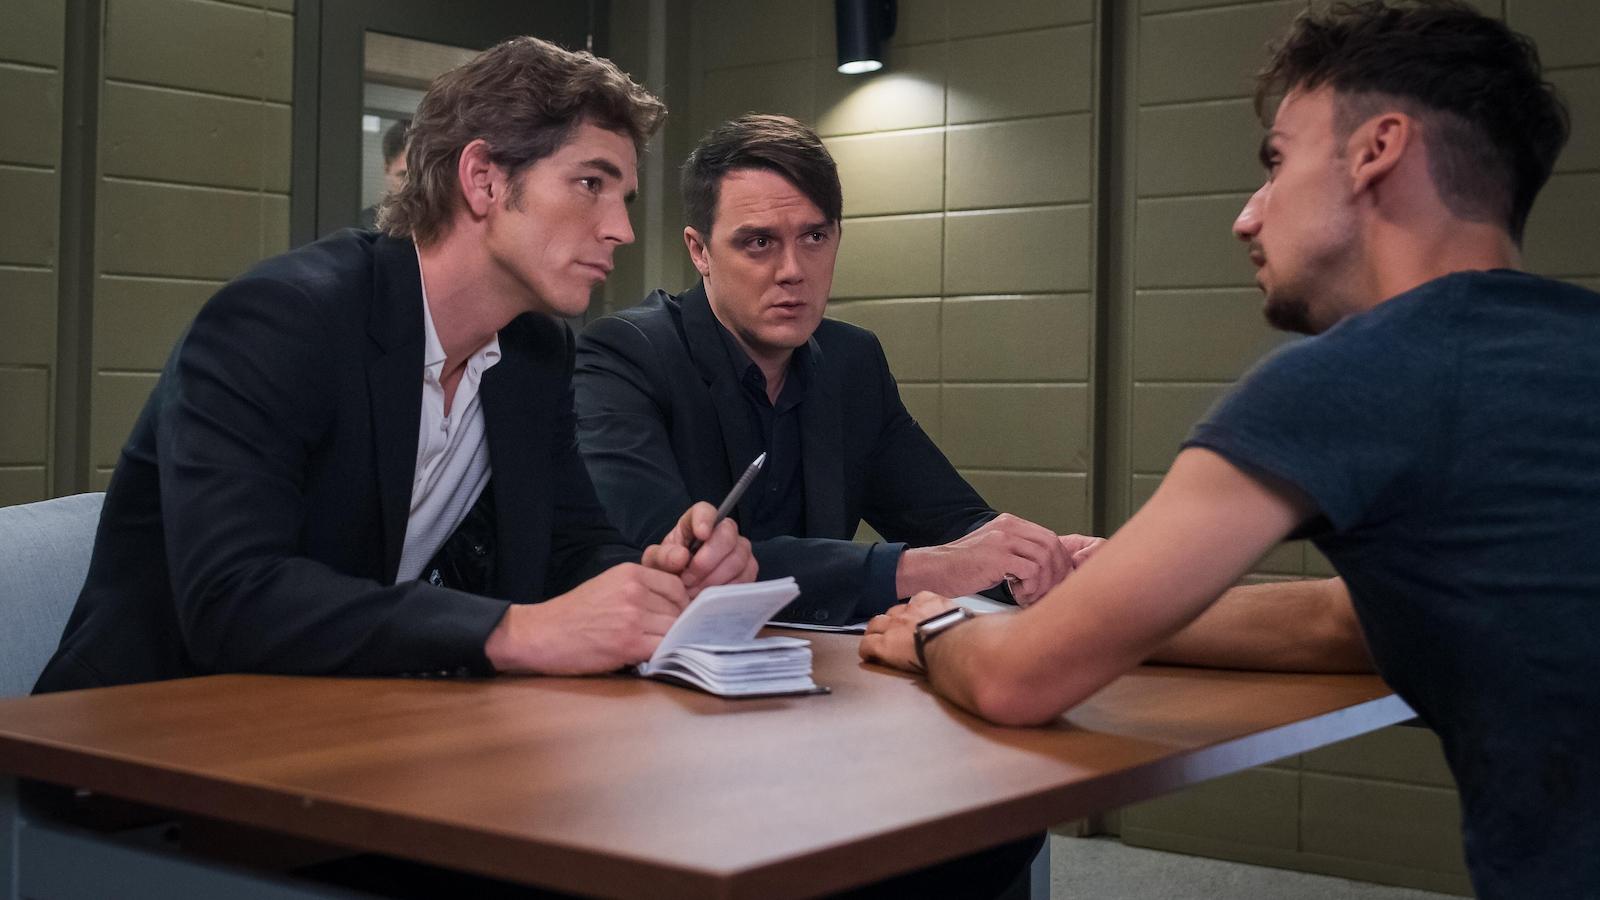 Patrick et Stéphane interroge un suspect dans la salle d'interrogatoire.